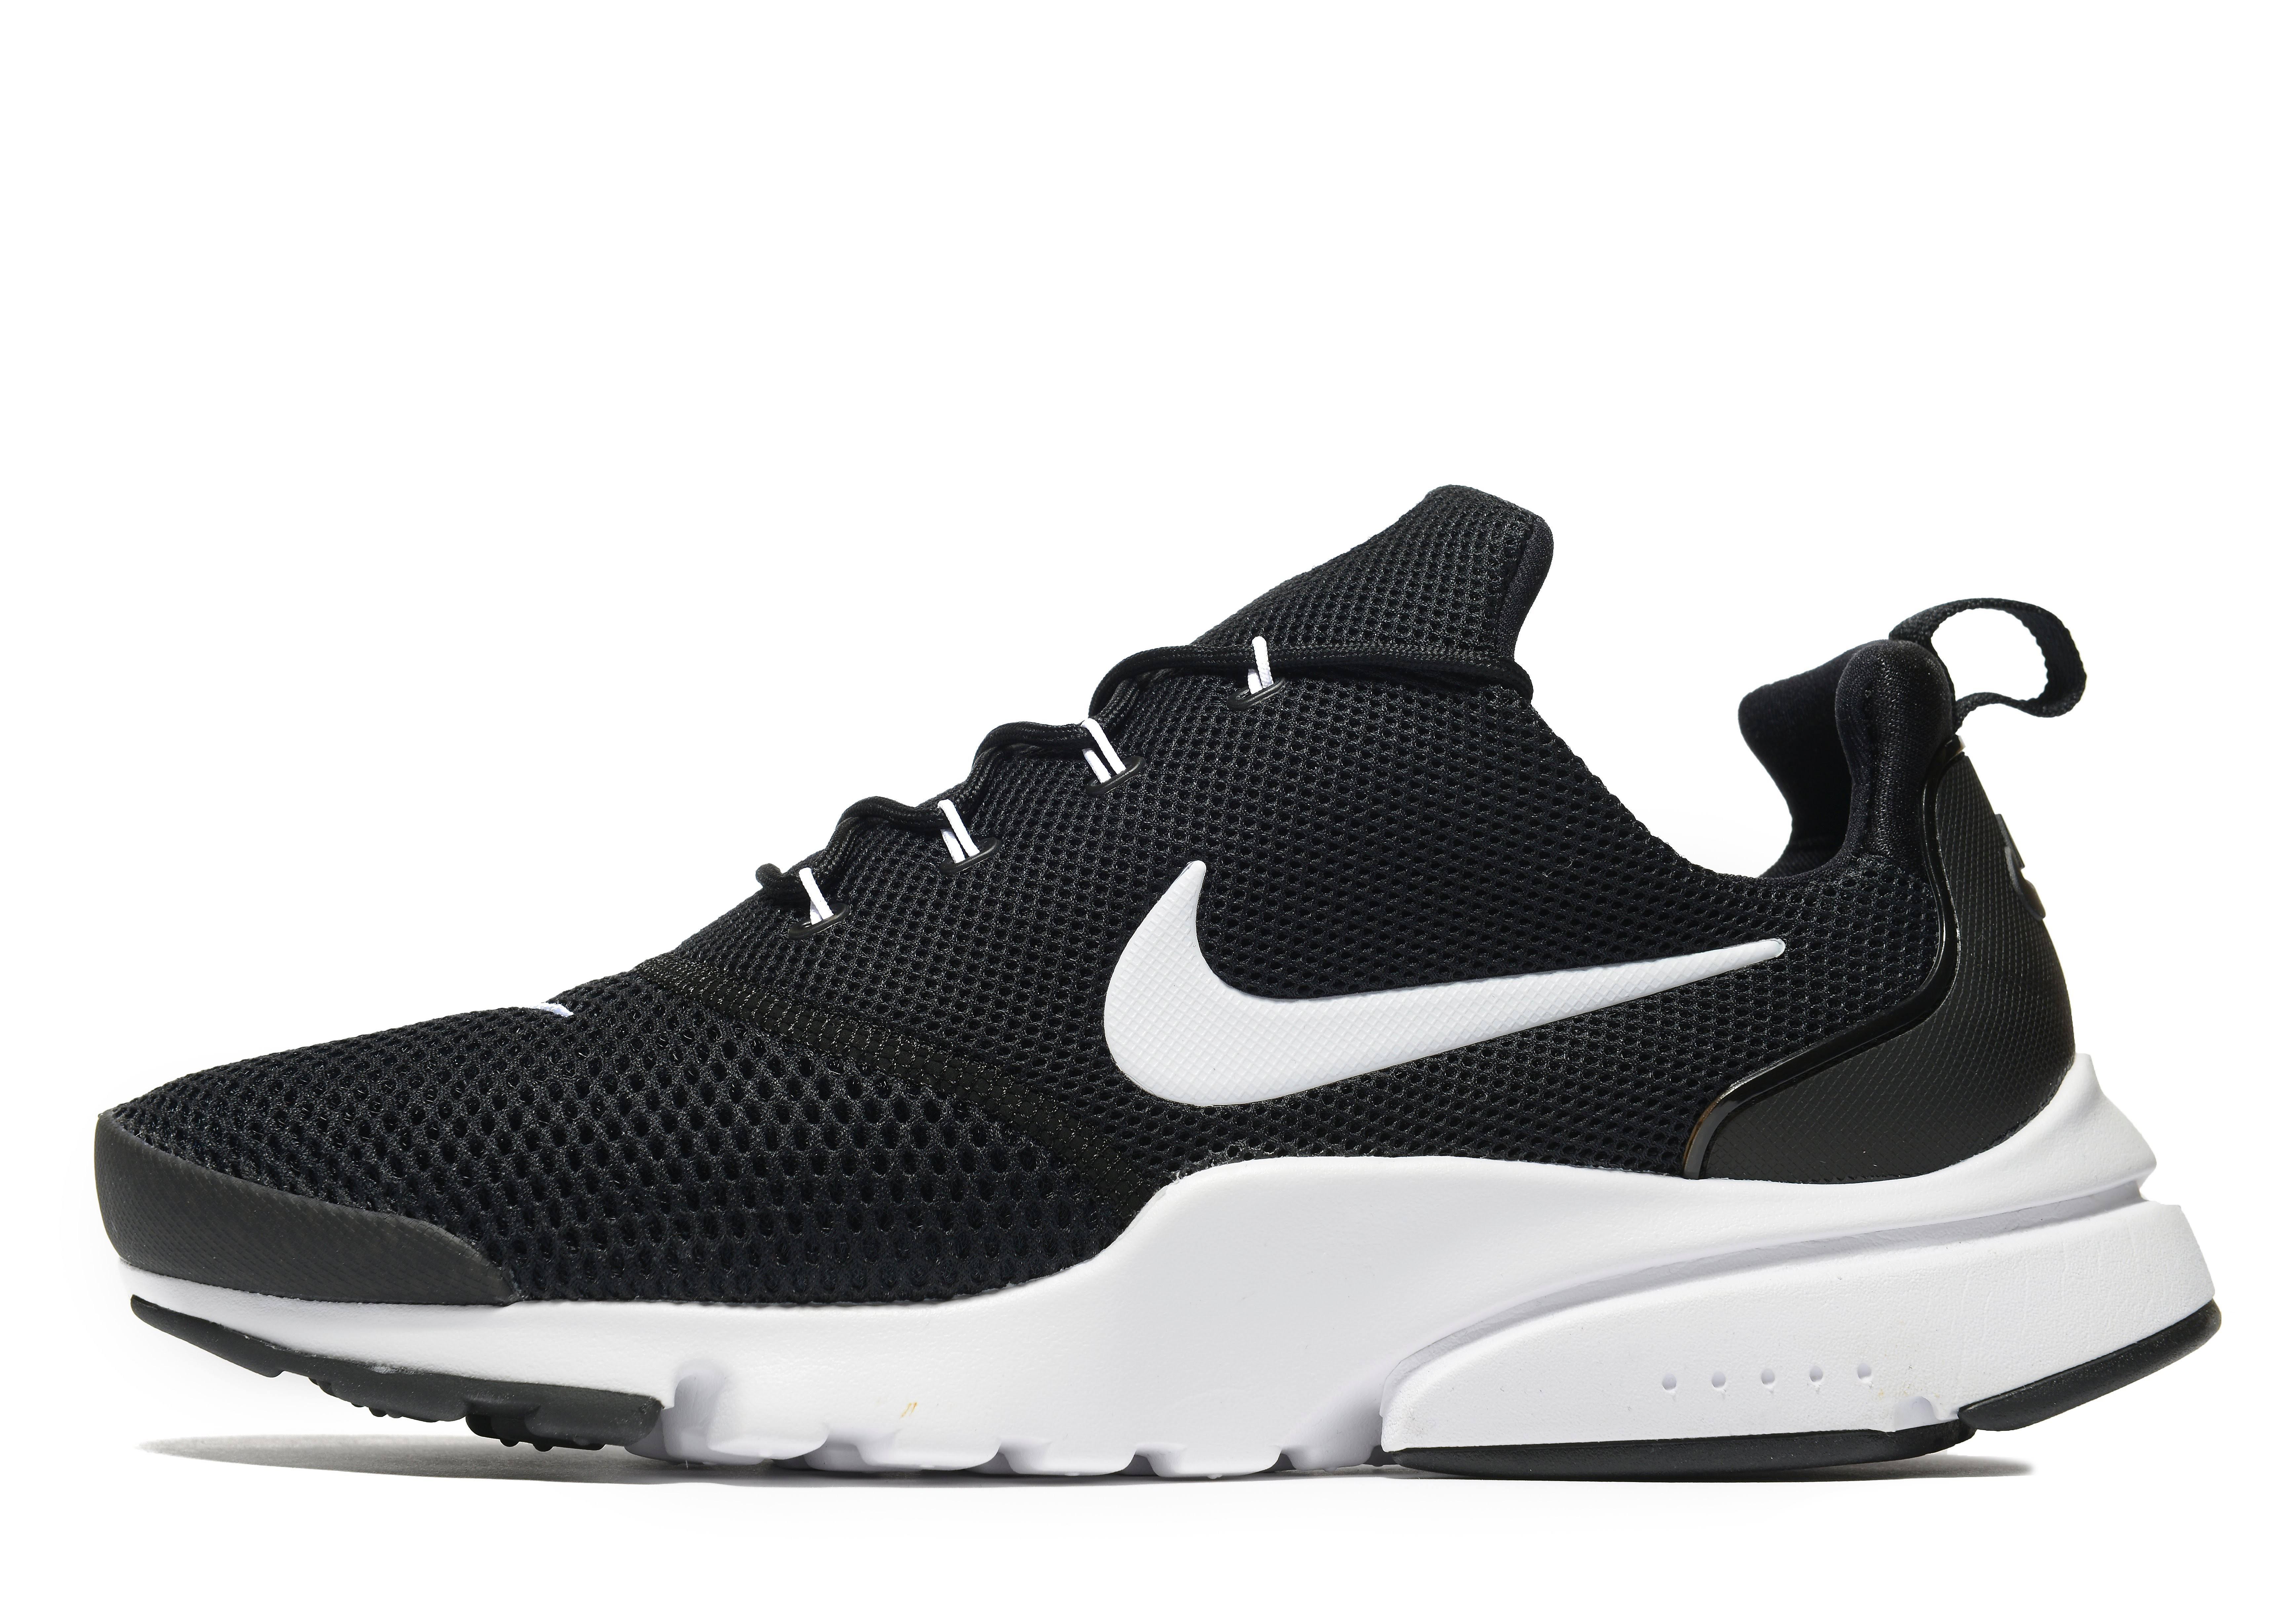 Heren wit 46 Fly Voor Sneakers Zwart Maat Nike Sportswear Presto Zwart w7gqFwfXx